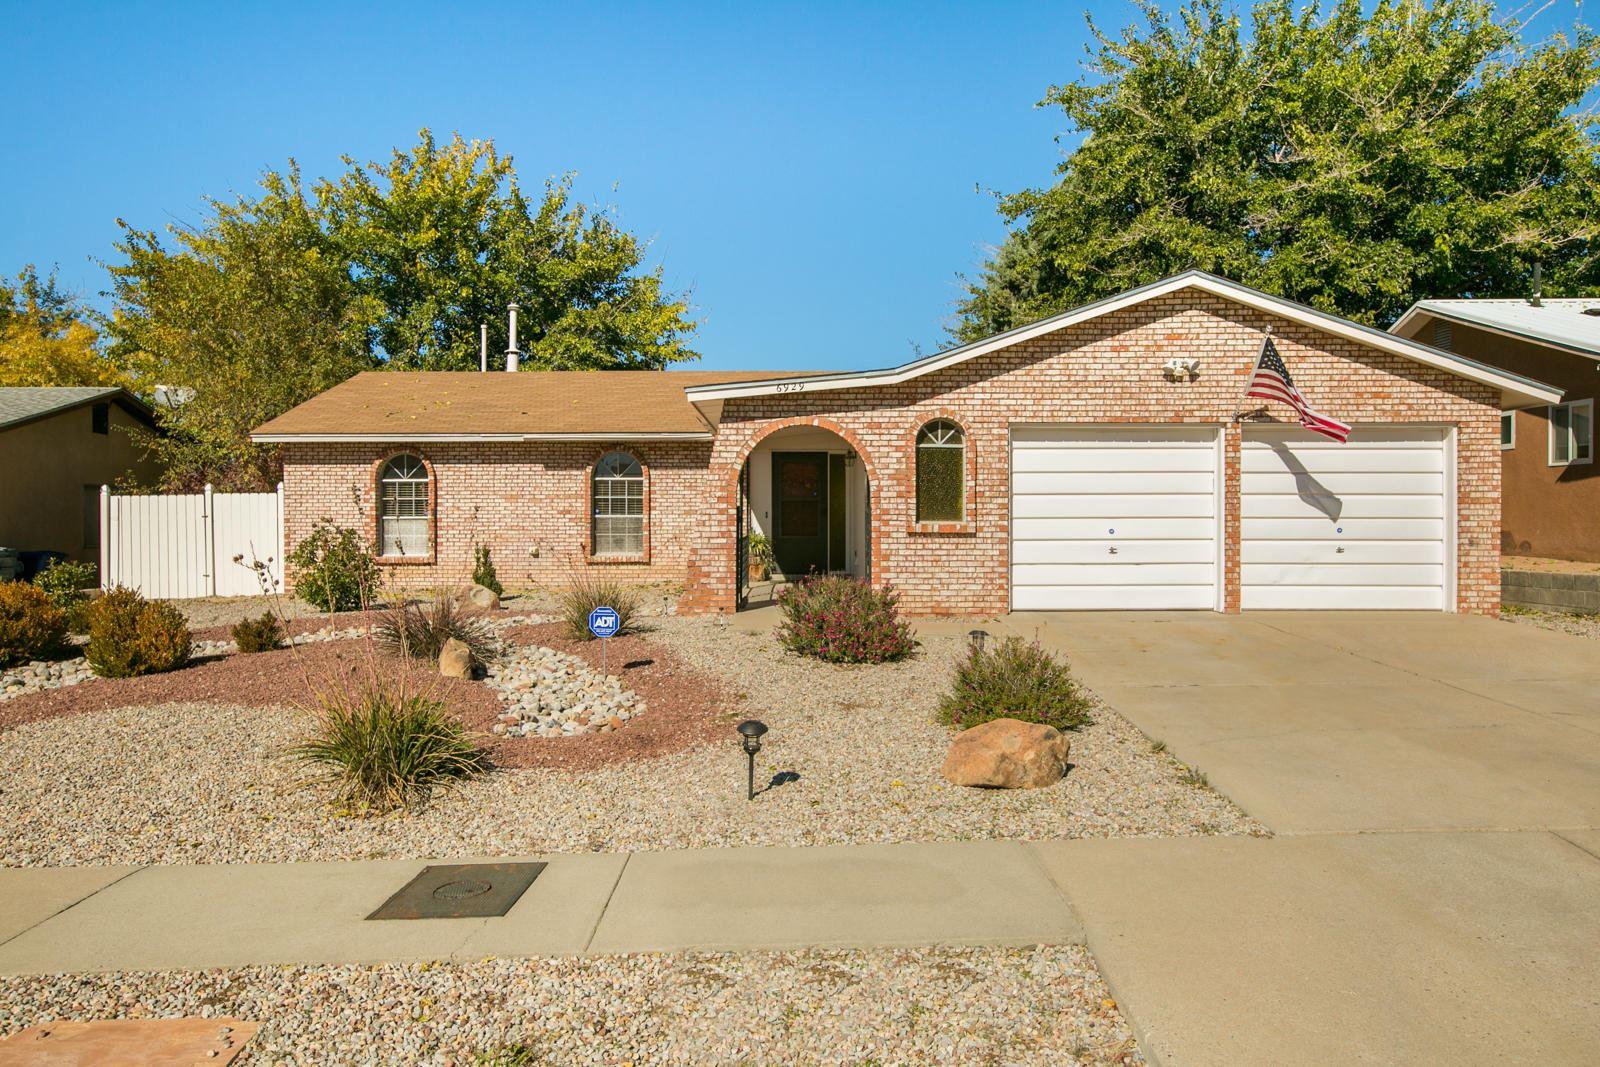 6929 MARILYN Avenue NE, Albuquerque, NM 87109 - MLS#: 986954